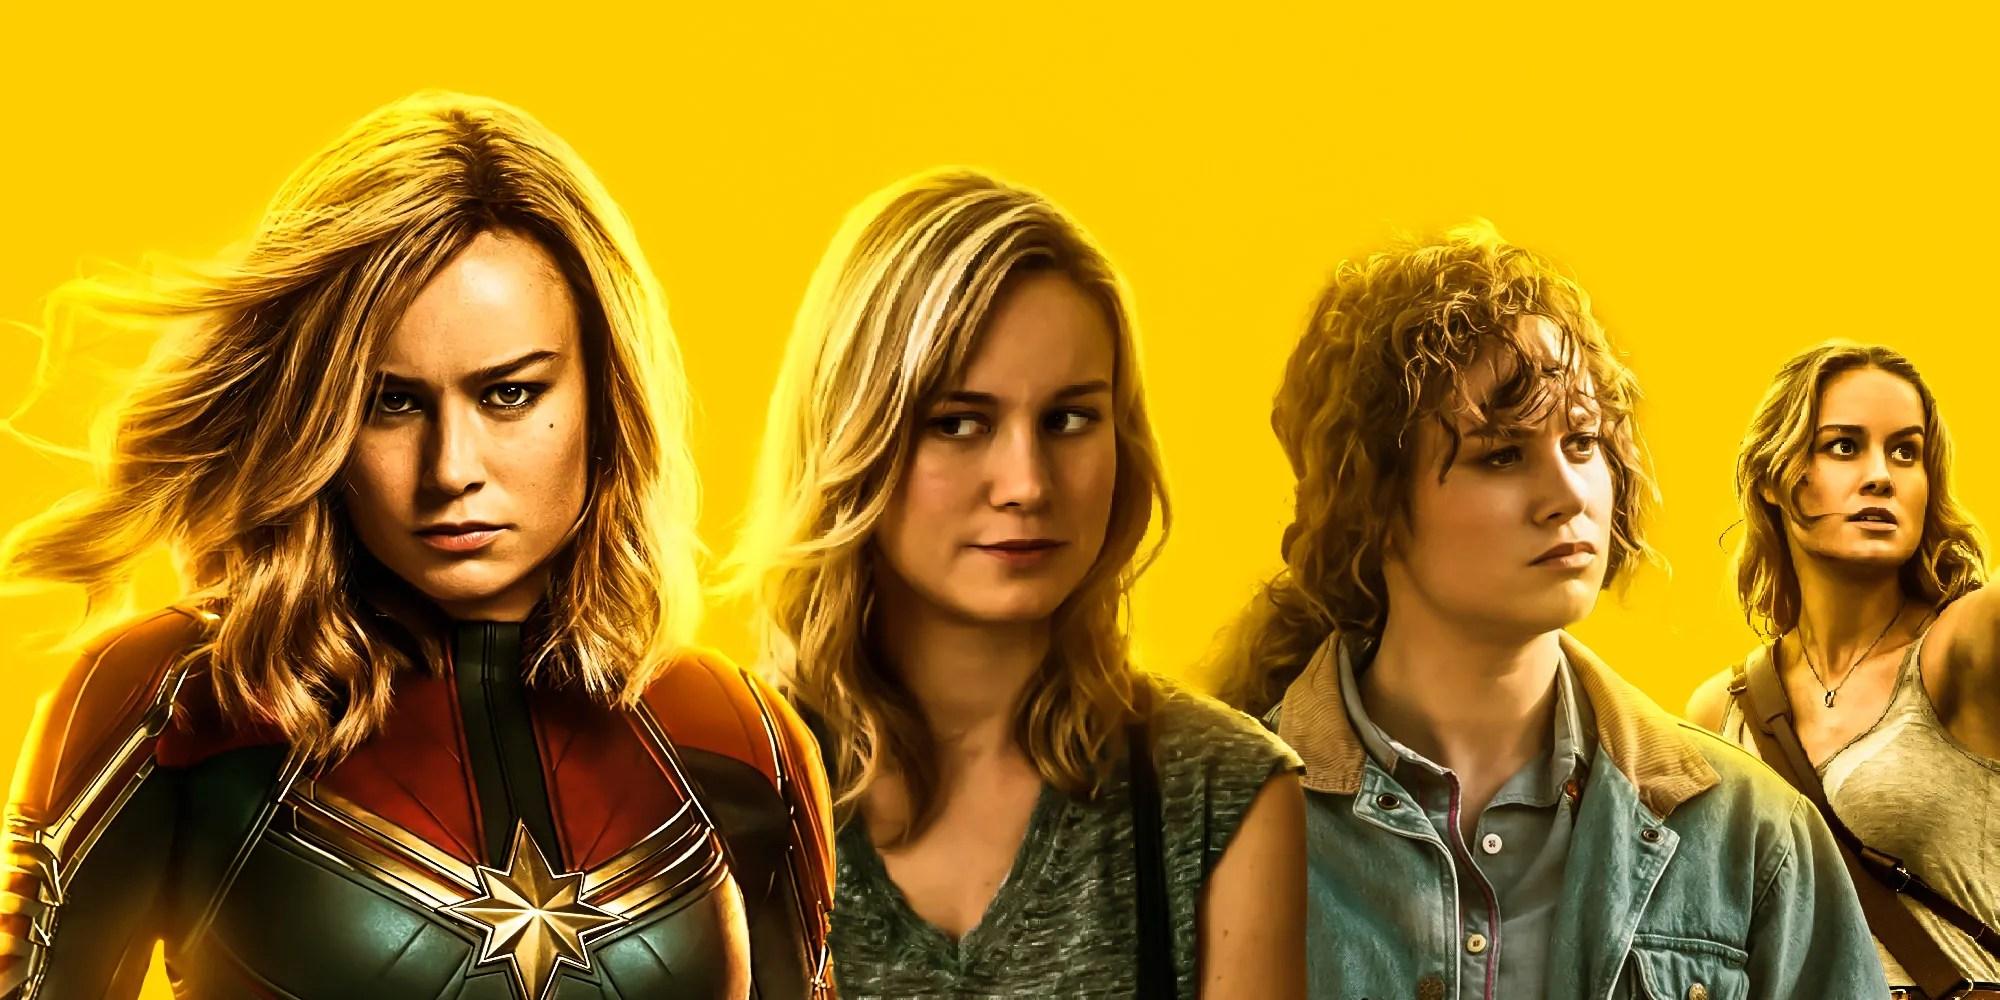 Film Brie Larson » Greatnesia